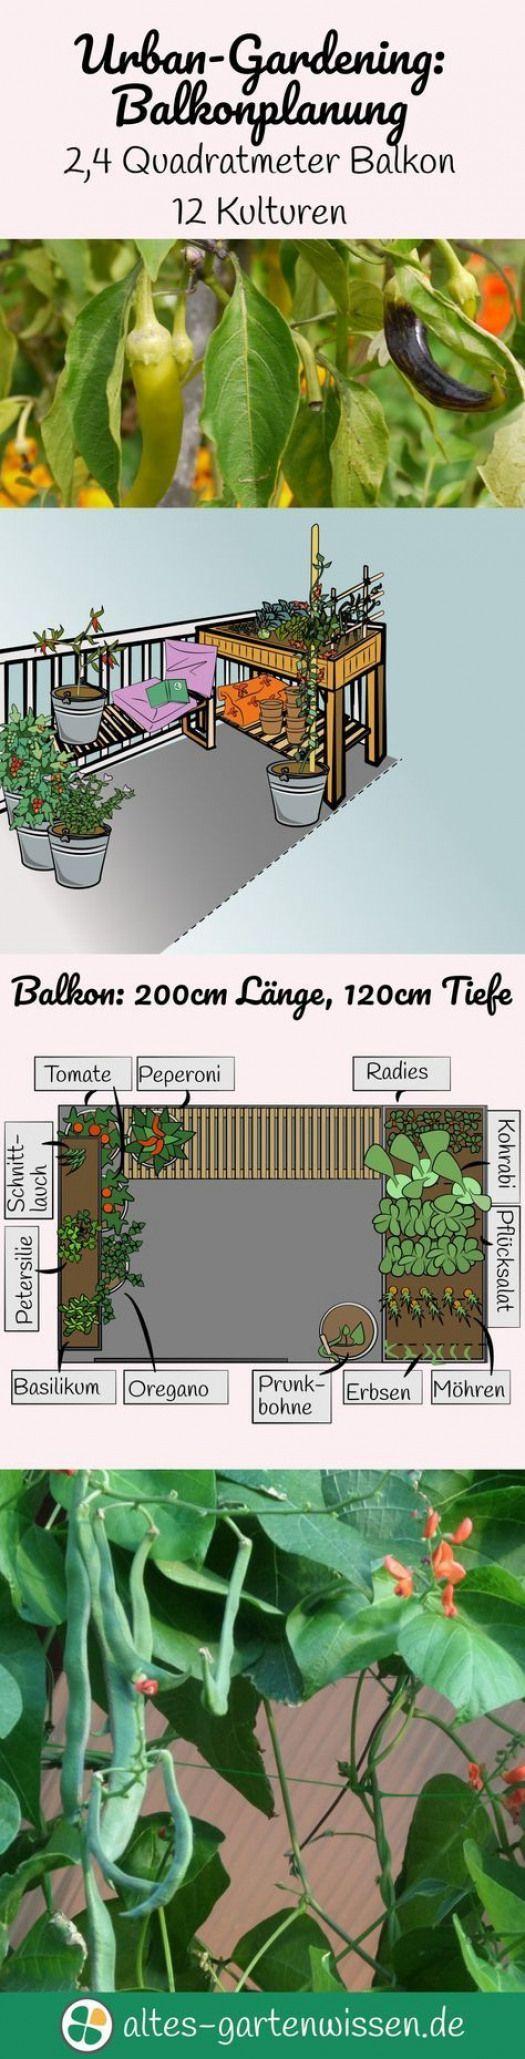 Ein auch noch so kleiner Balkon kann in eine Oase verwandelt werden zum Entspannen und zum Anbau von etwas eigenem Gemüse. Dabei reichen schon 24 Quadratmeter aus um beispielsweise 12 verschiedene Kulturen anzubauen. #gardentypes #garden #types #patio #anbauvongemüse Ein auch noch so kleiner Balkon kann in eine Oase verwandelt werden zum Entspannen und zum Anbau von etwas eigenem Gemüse. Dabei reichen schon 24 Quadratmeter aus um beispielsweise 12 verschiedene Kulturen anzubauen. #gardentypes #kräutergartenbalkon